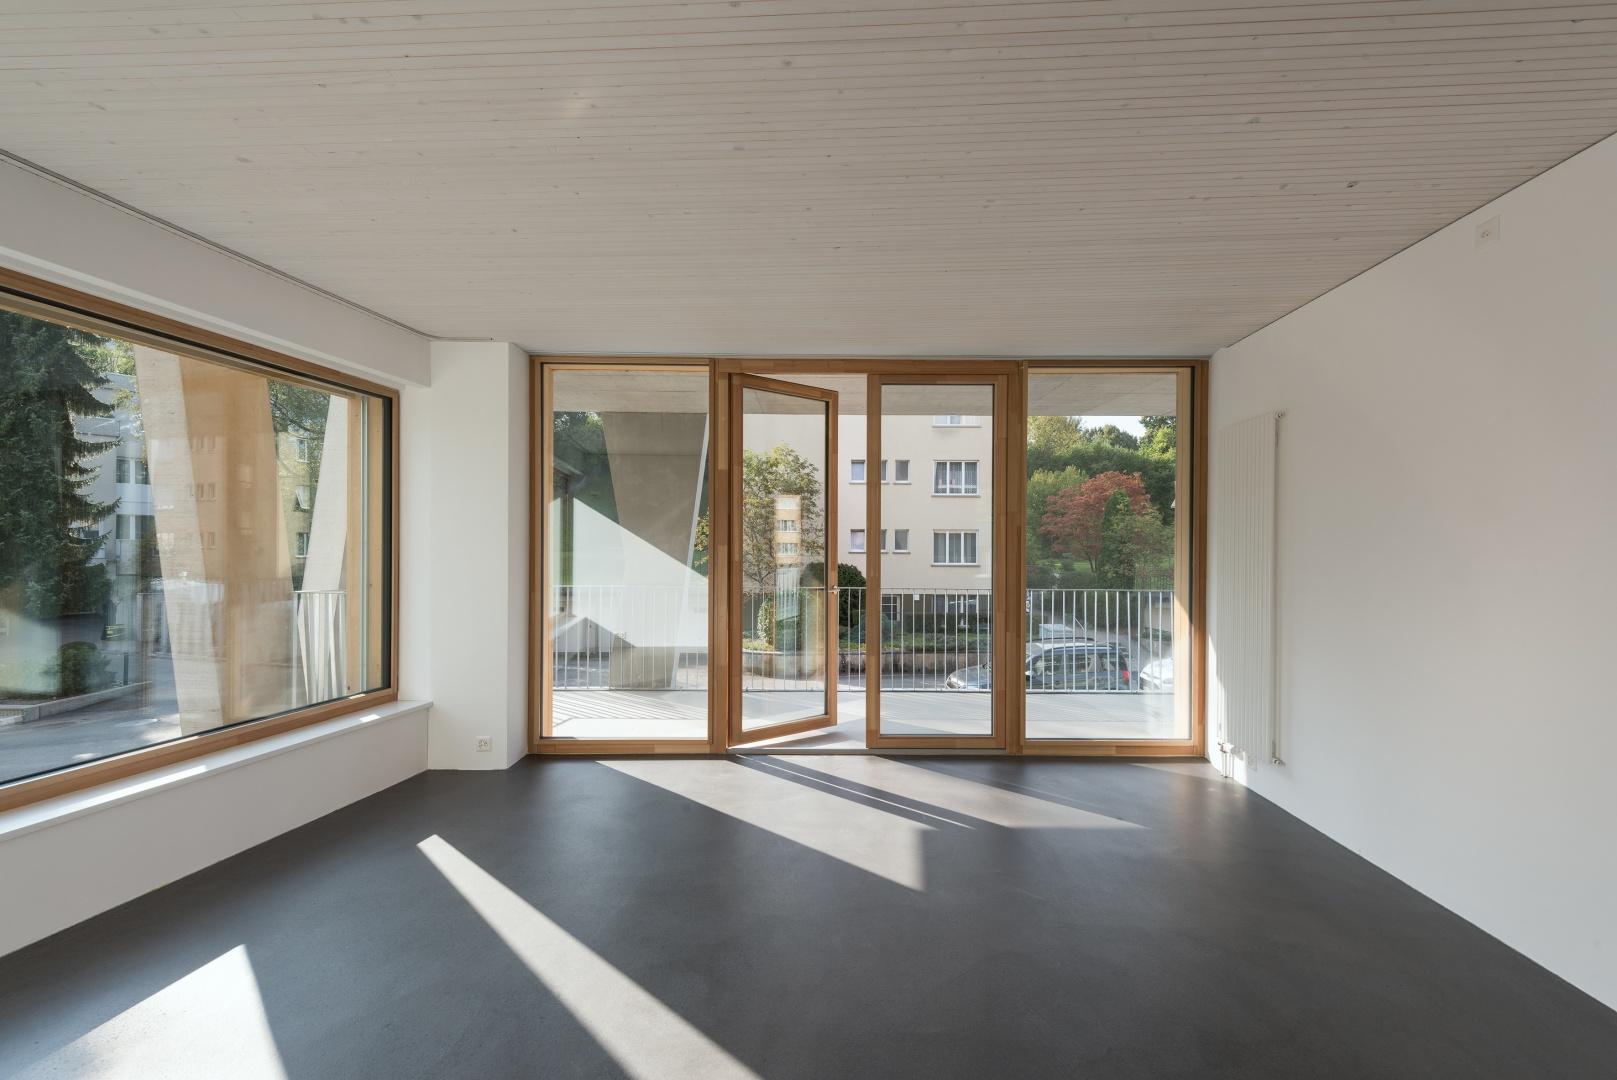 Wohnzimmer © Christine Blaser, Bildaufbau, Sandrainstrasse 3 3007 Bern